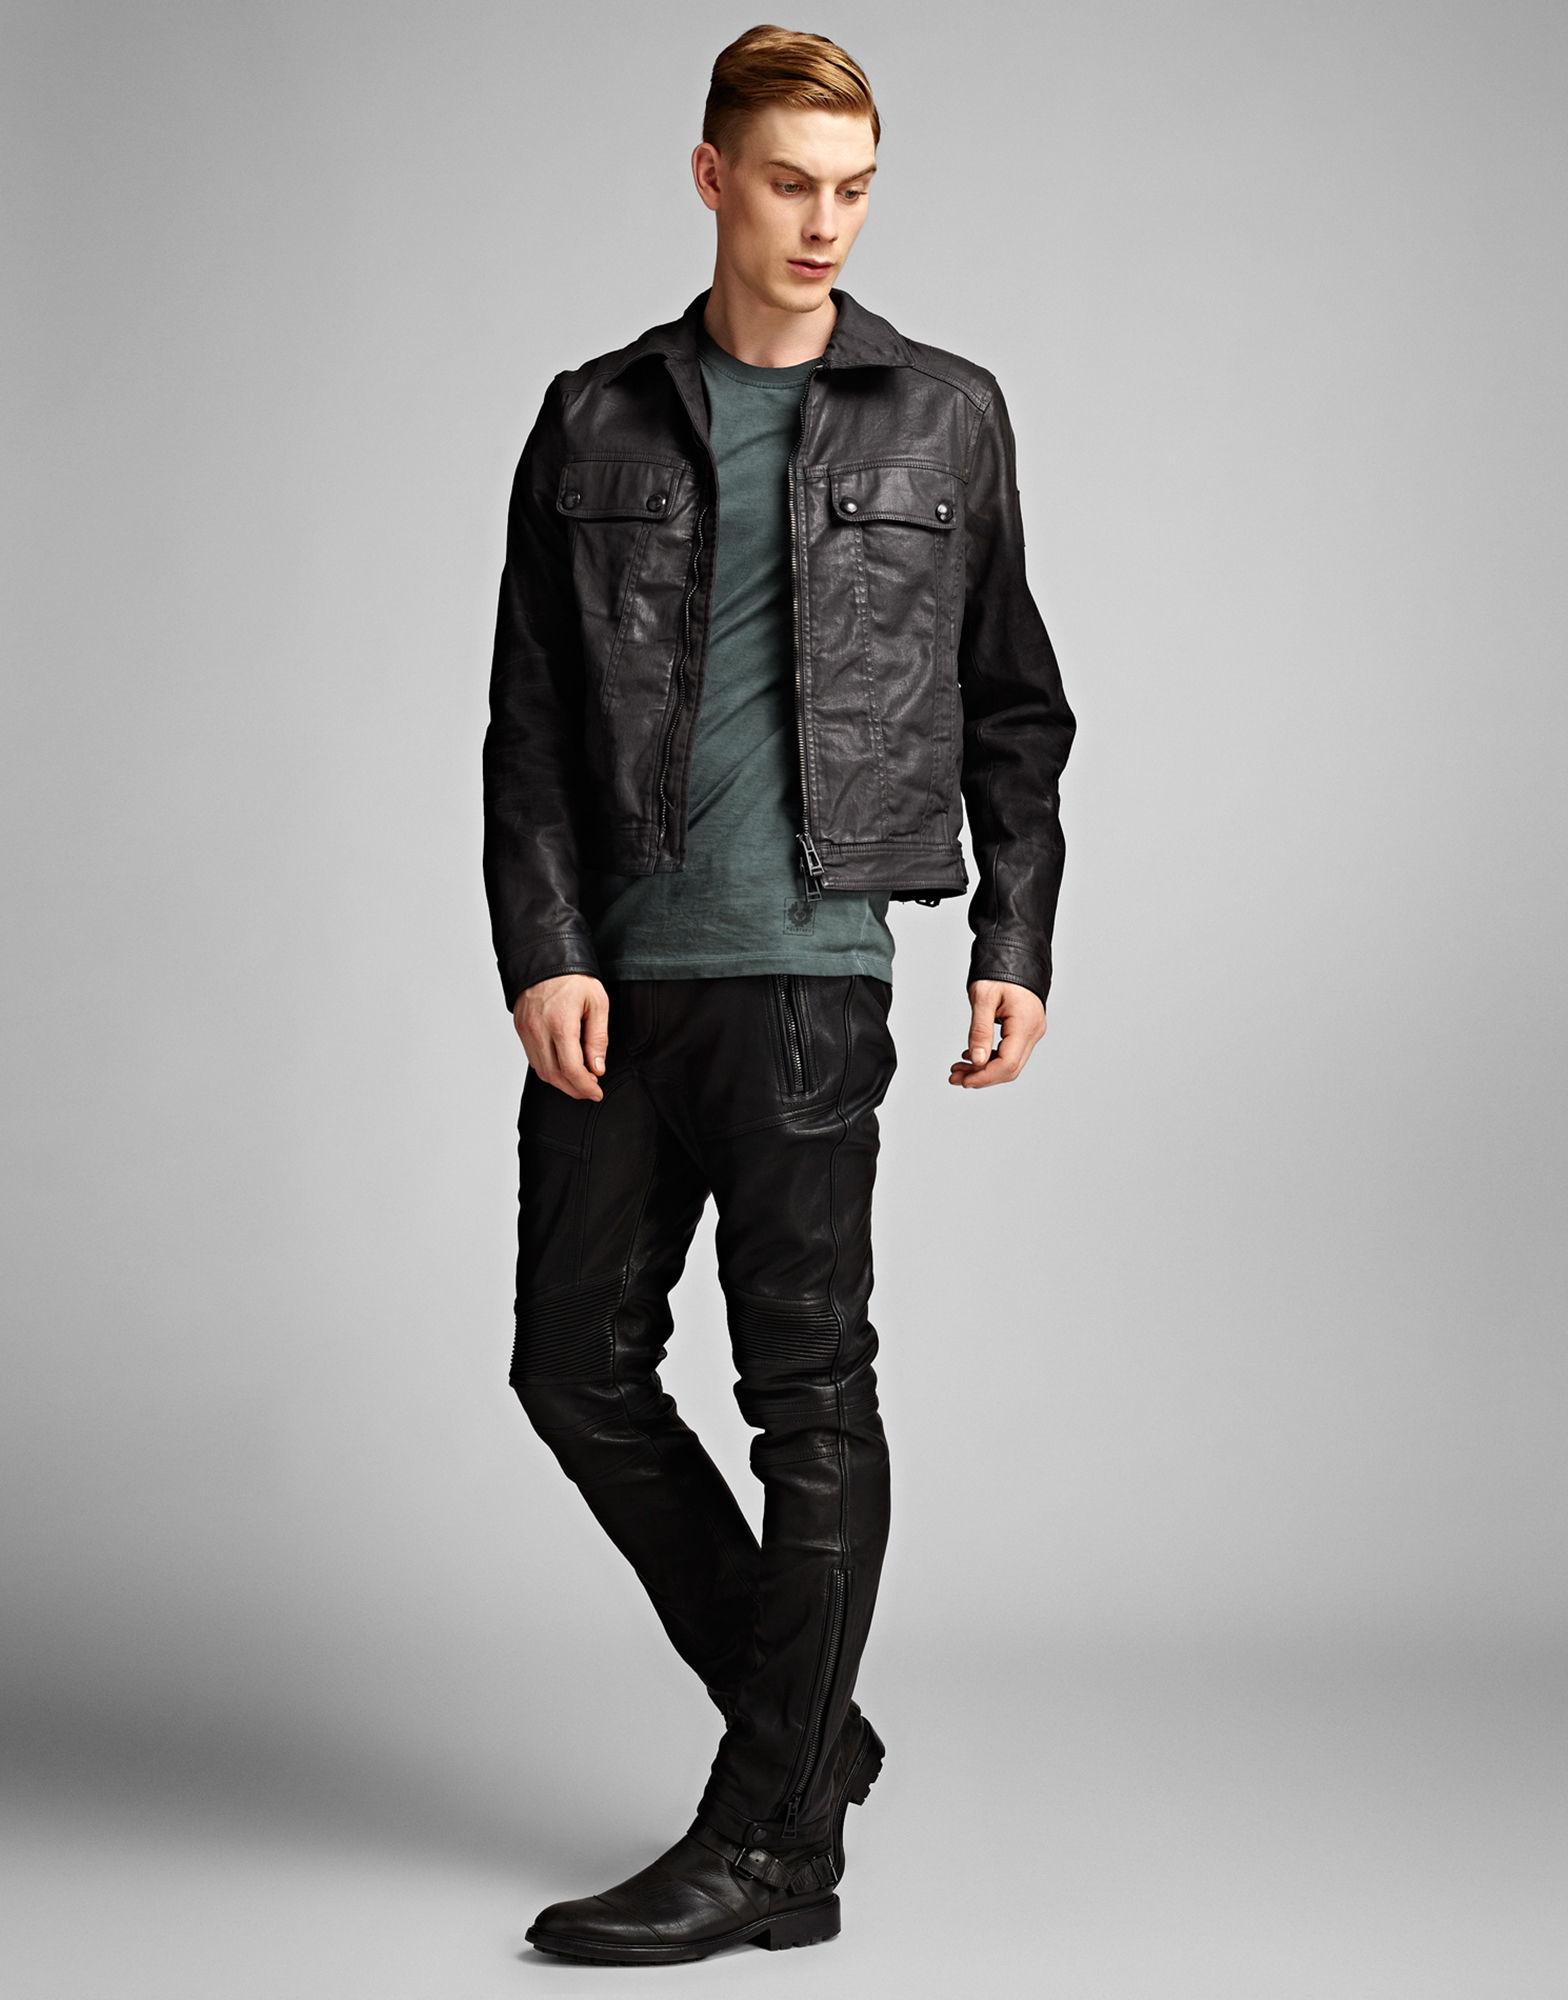 belstaff tillington jacket in black for men lyst. Black Bedroom Furniture Sets. Home Design Ideas